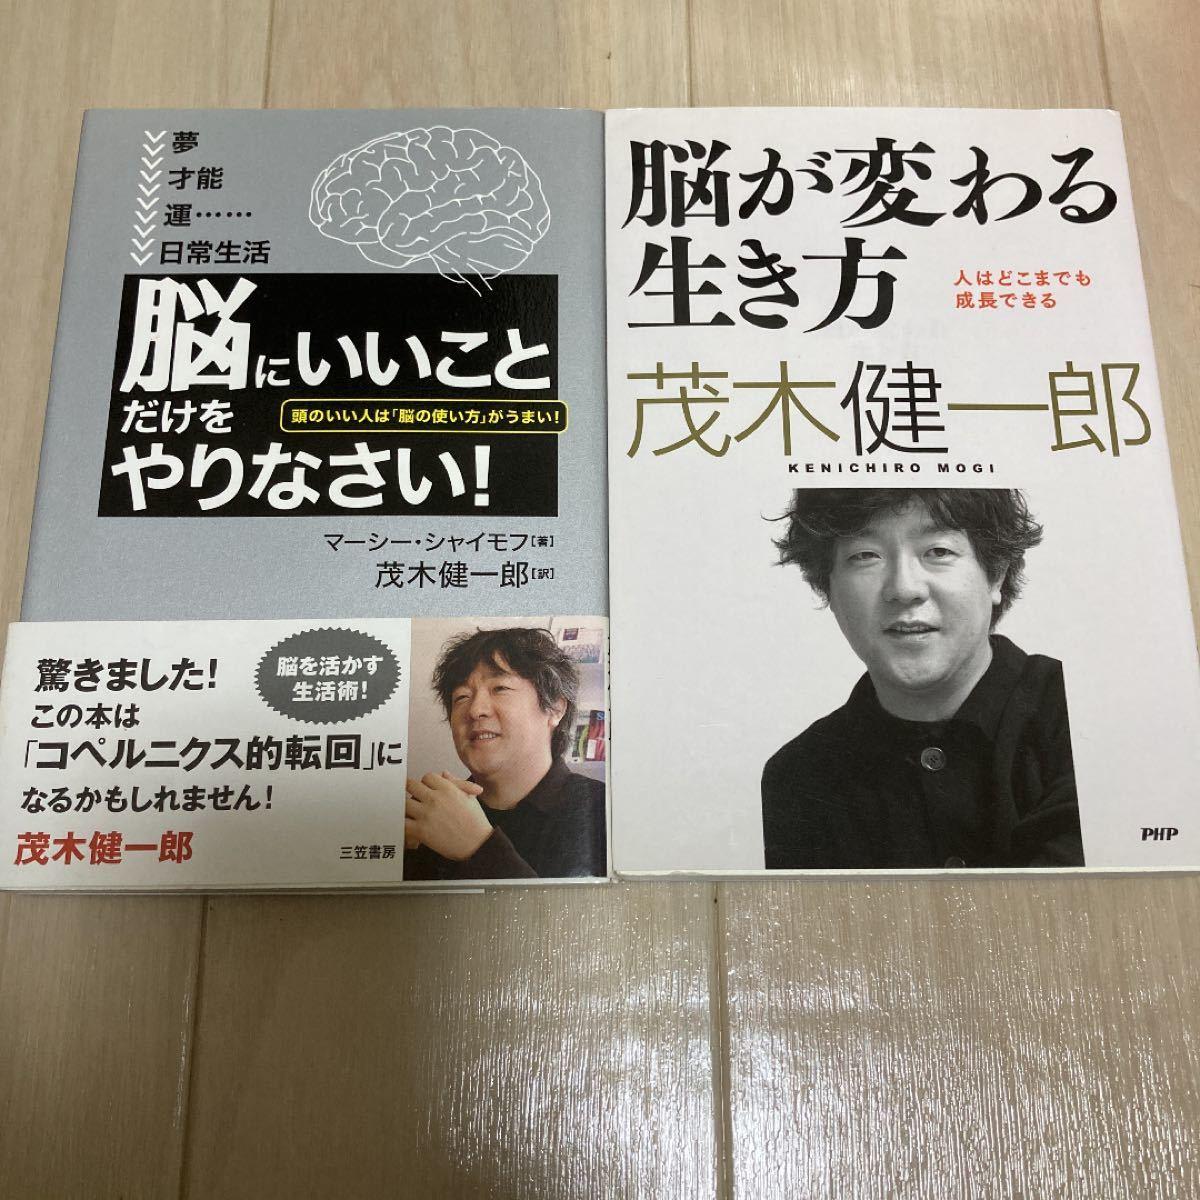 茂木健一郎 脳が変わる生き方 脳にいいことだけをやりなさい!  2冊セット